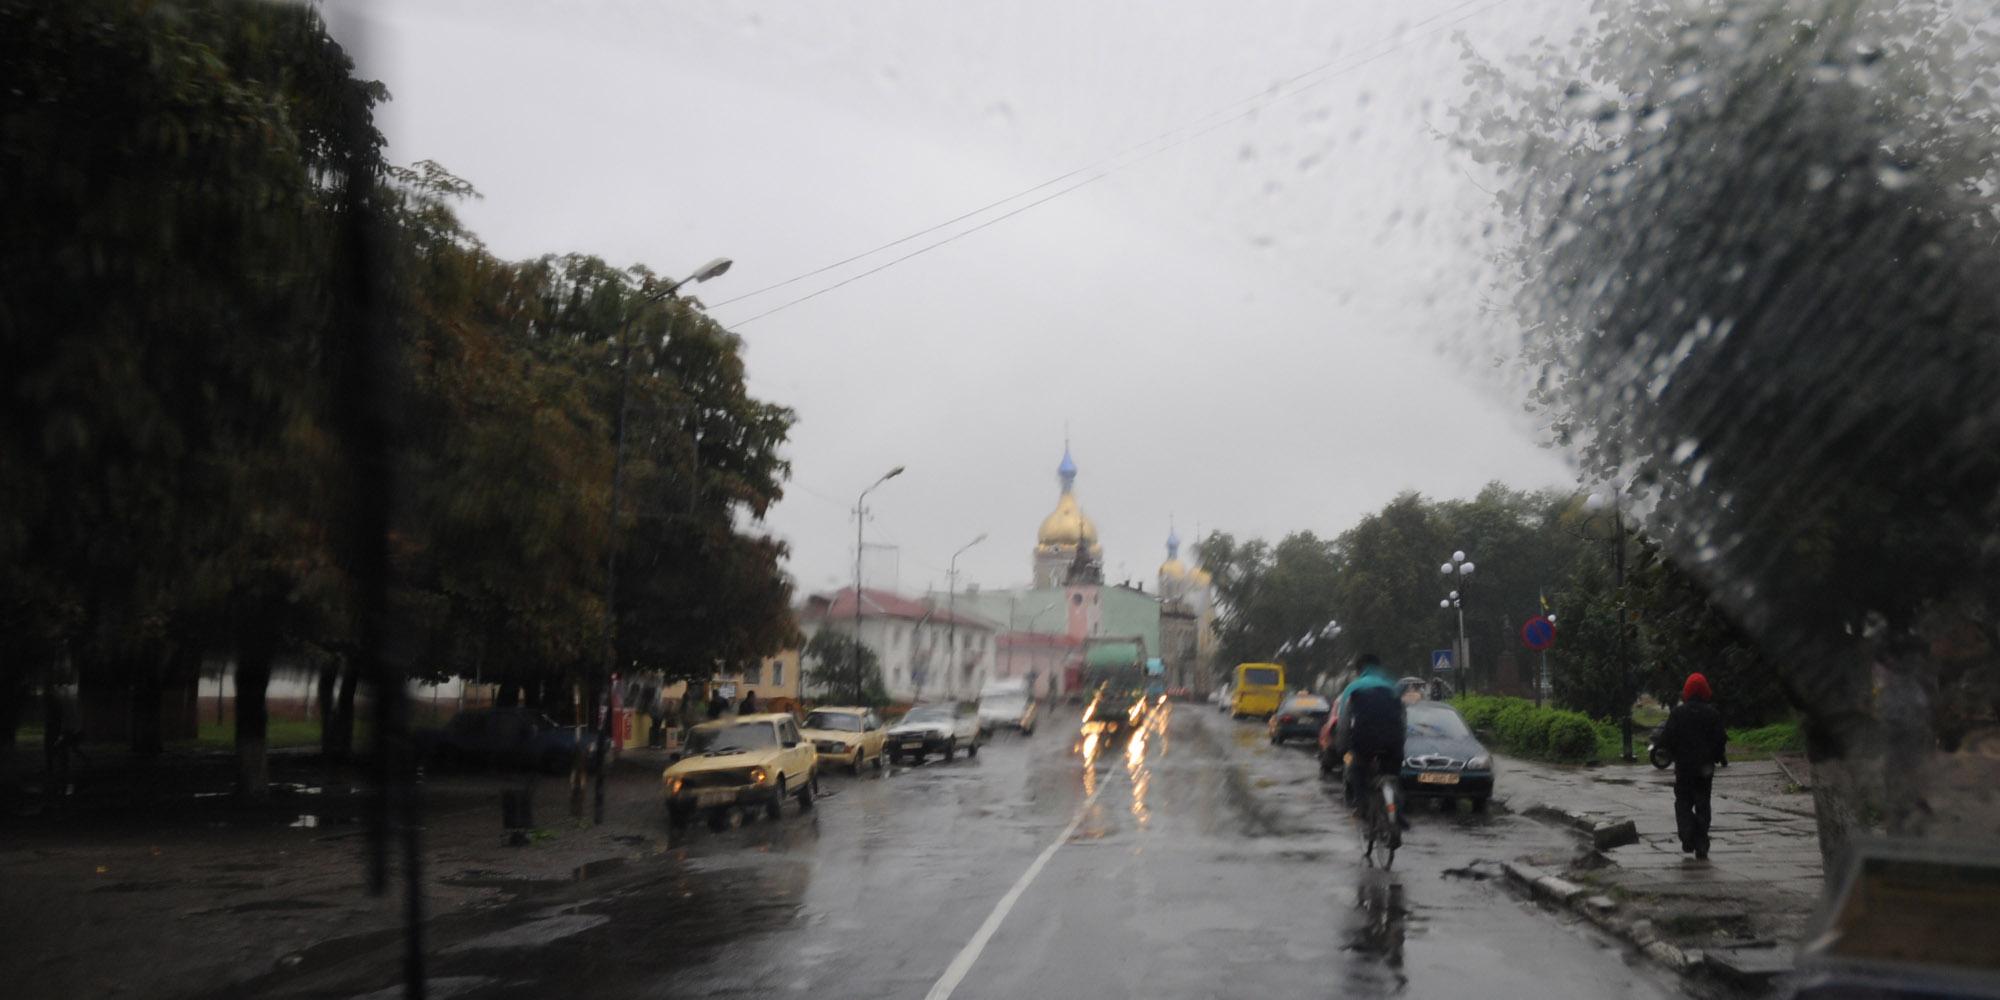 ukraine-08-008-pano.jpg